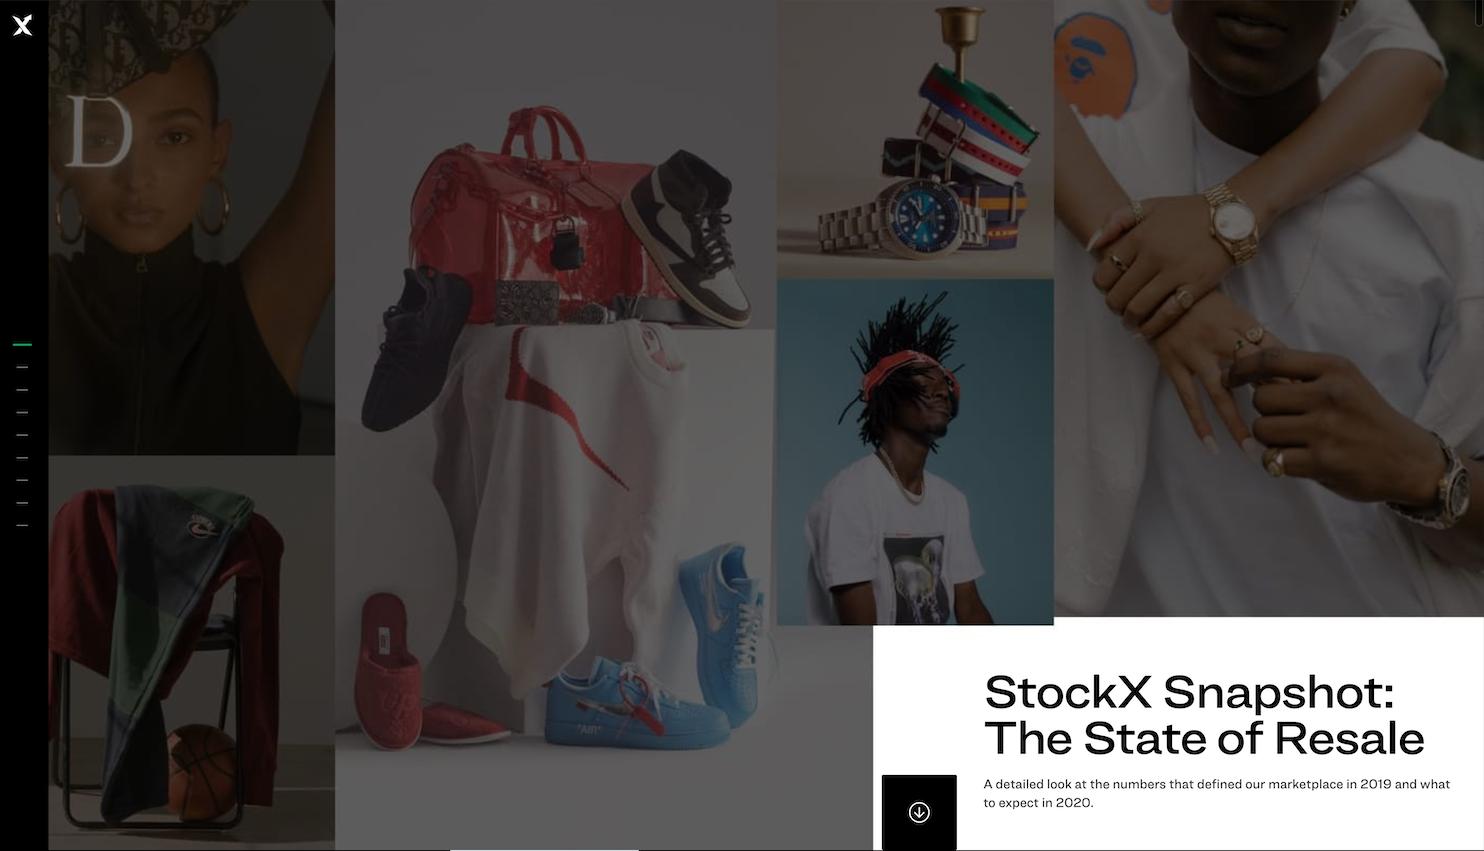 StockX年度报告:全球二手运动鞋市场规模达到 60亿美元